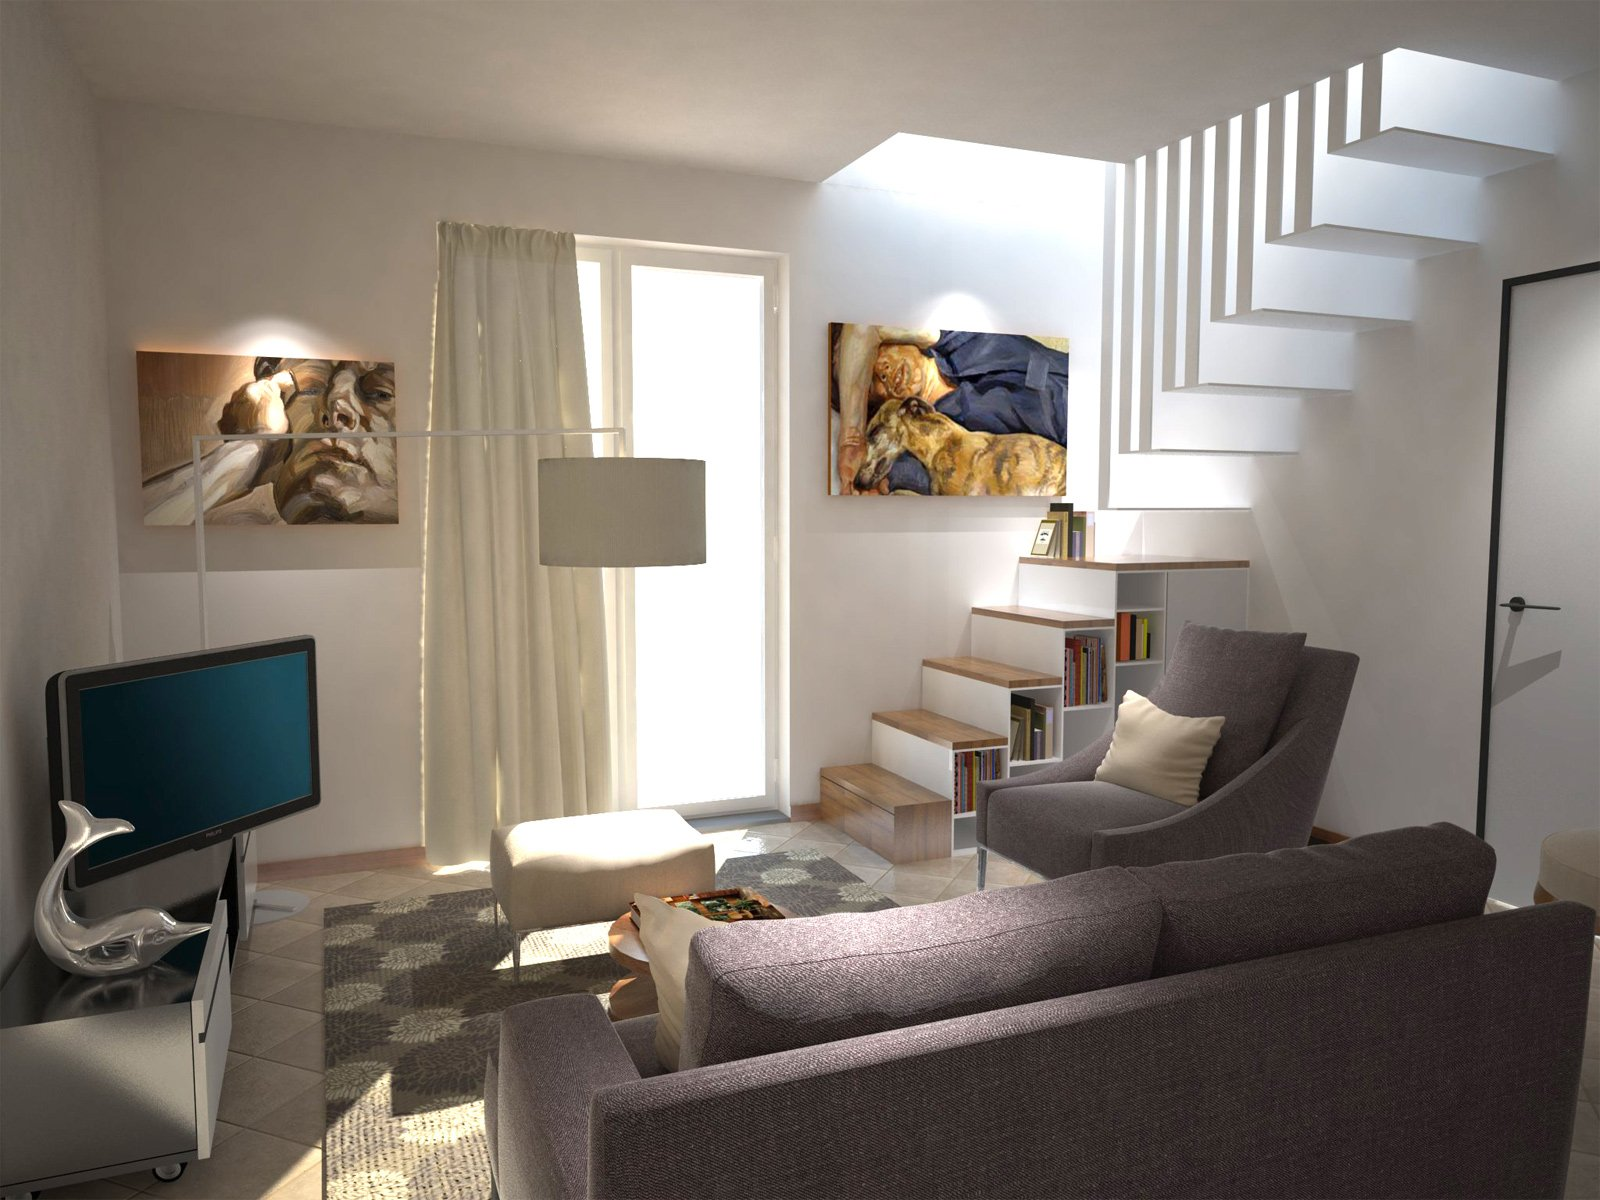 Arredare un soggiorno con tante aperture sulle pareti for Idee per tinteggiare il salotto